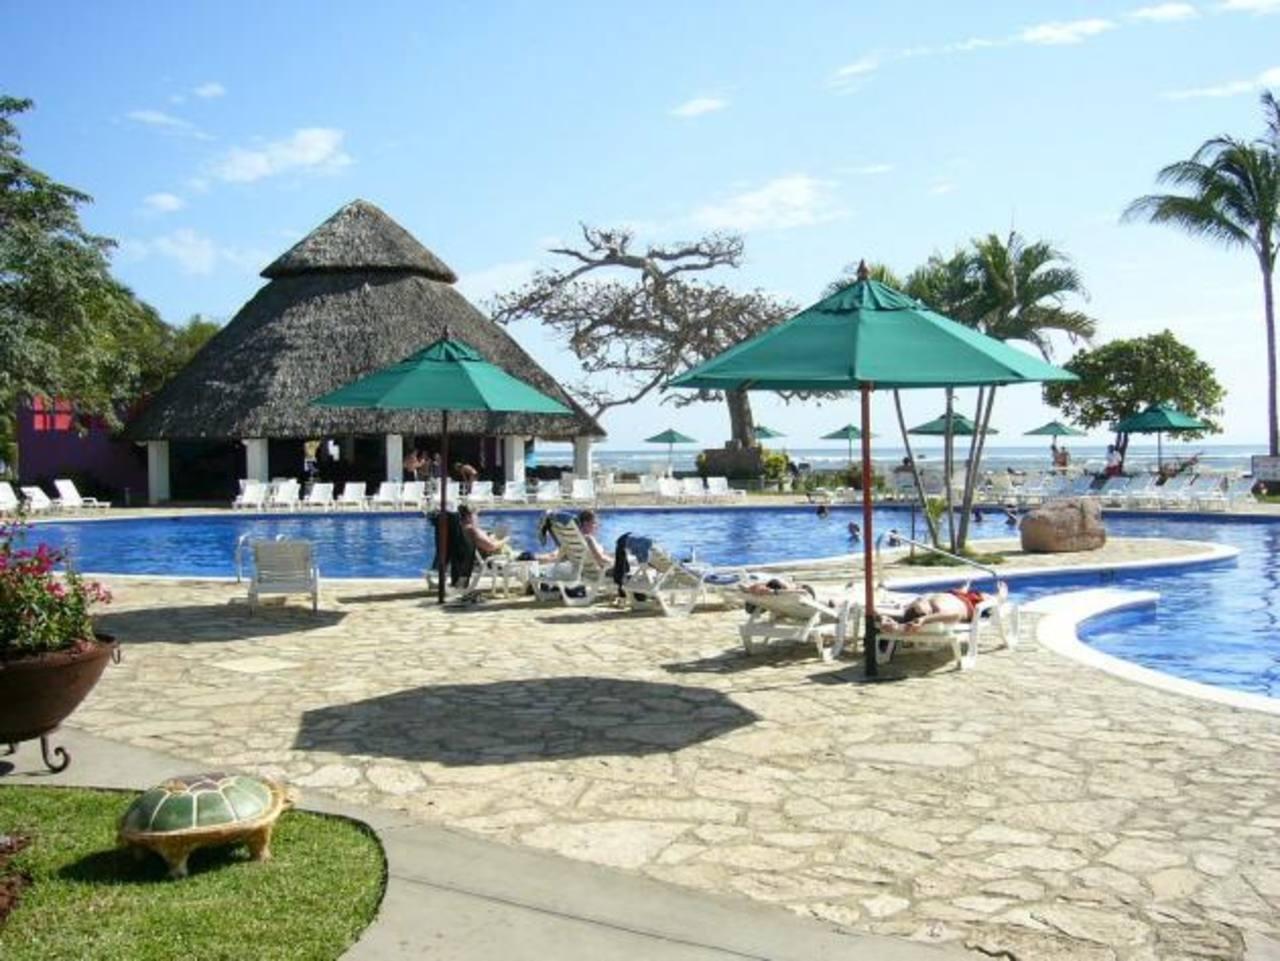 El Estado debería construir hoteles de playa para fomentar polos de desarrollo turístico.